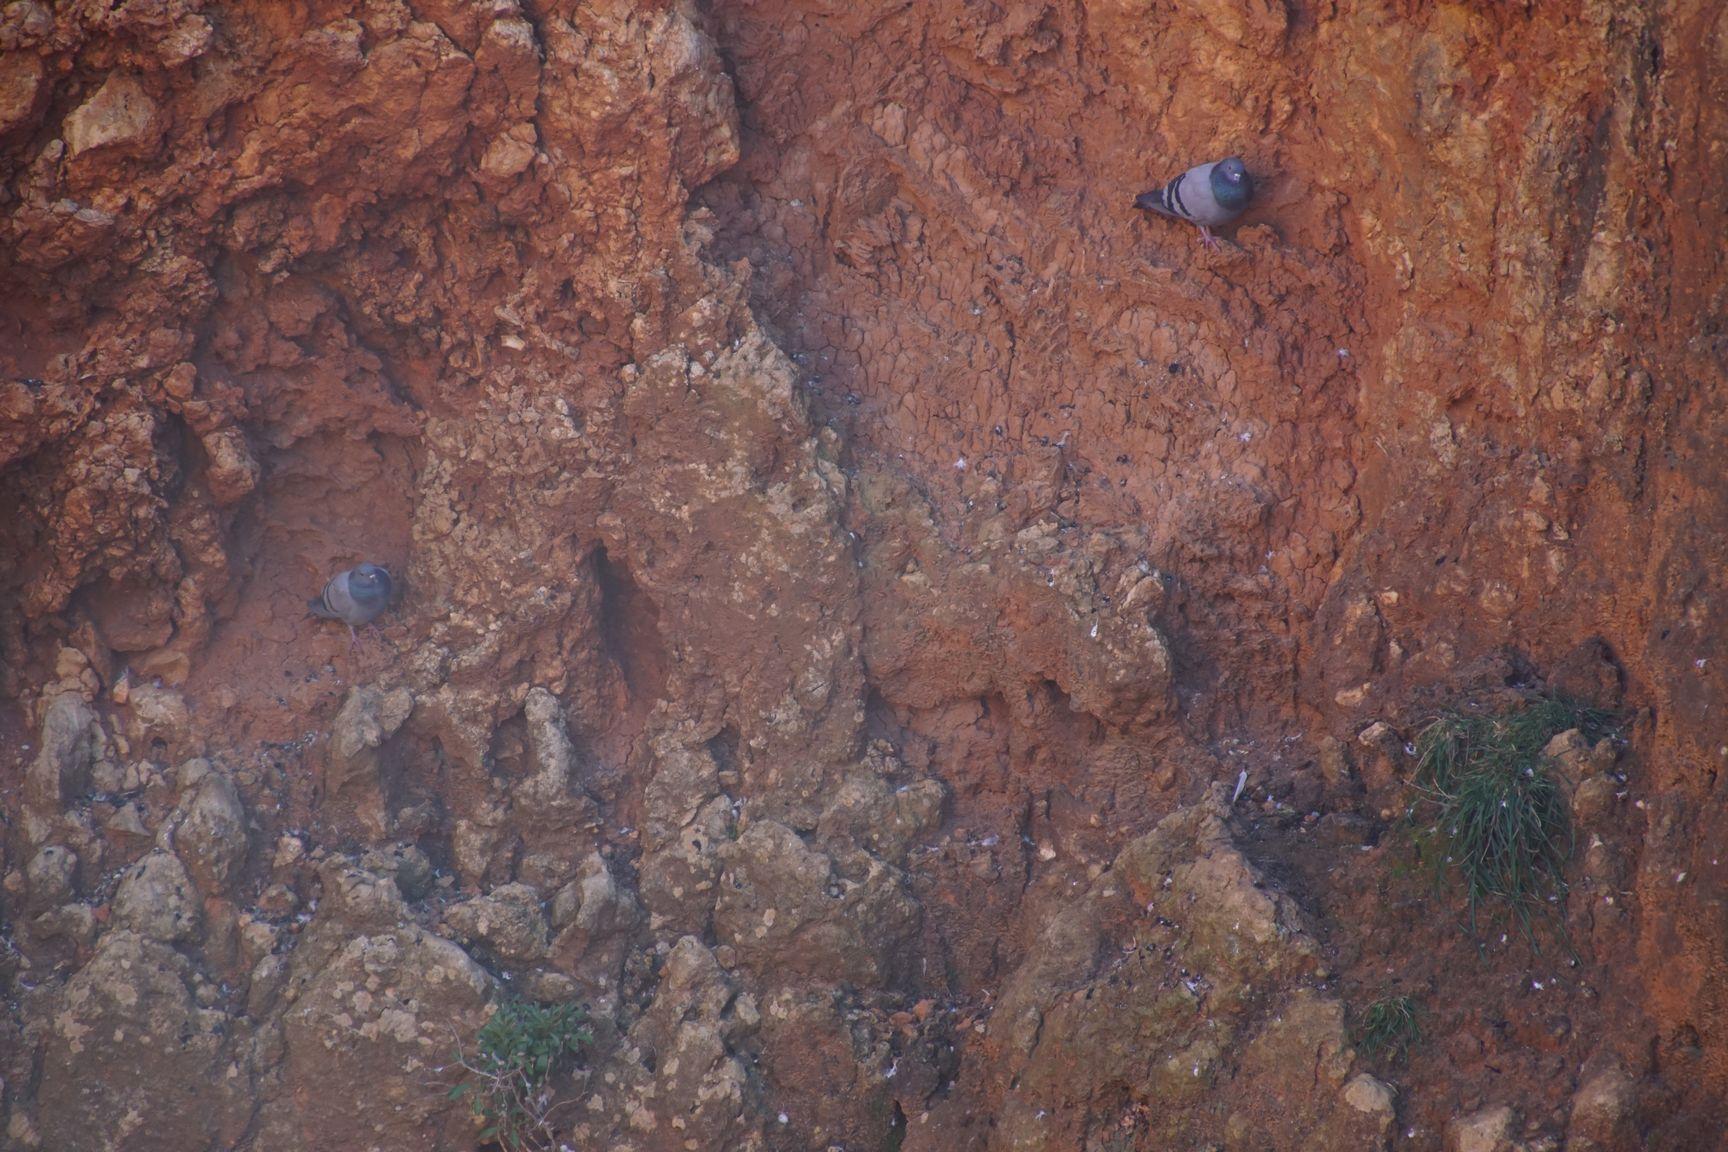 Les pigeons trouvent refuge dans les éboulements de la roche